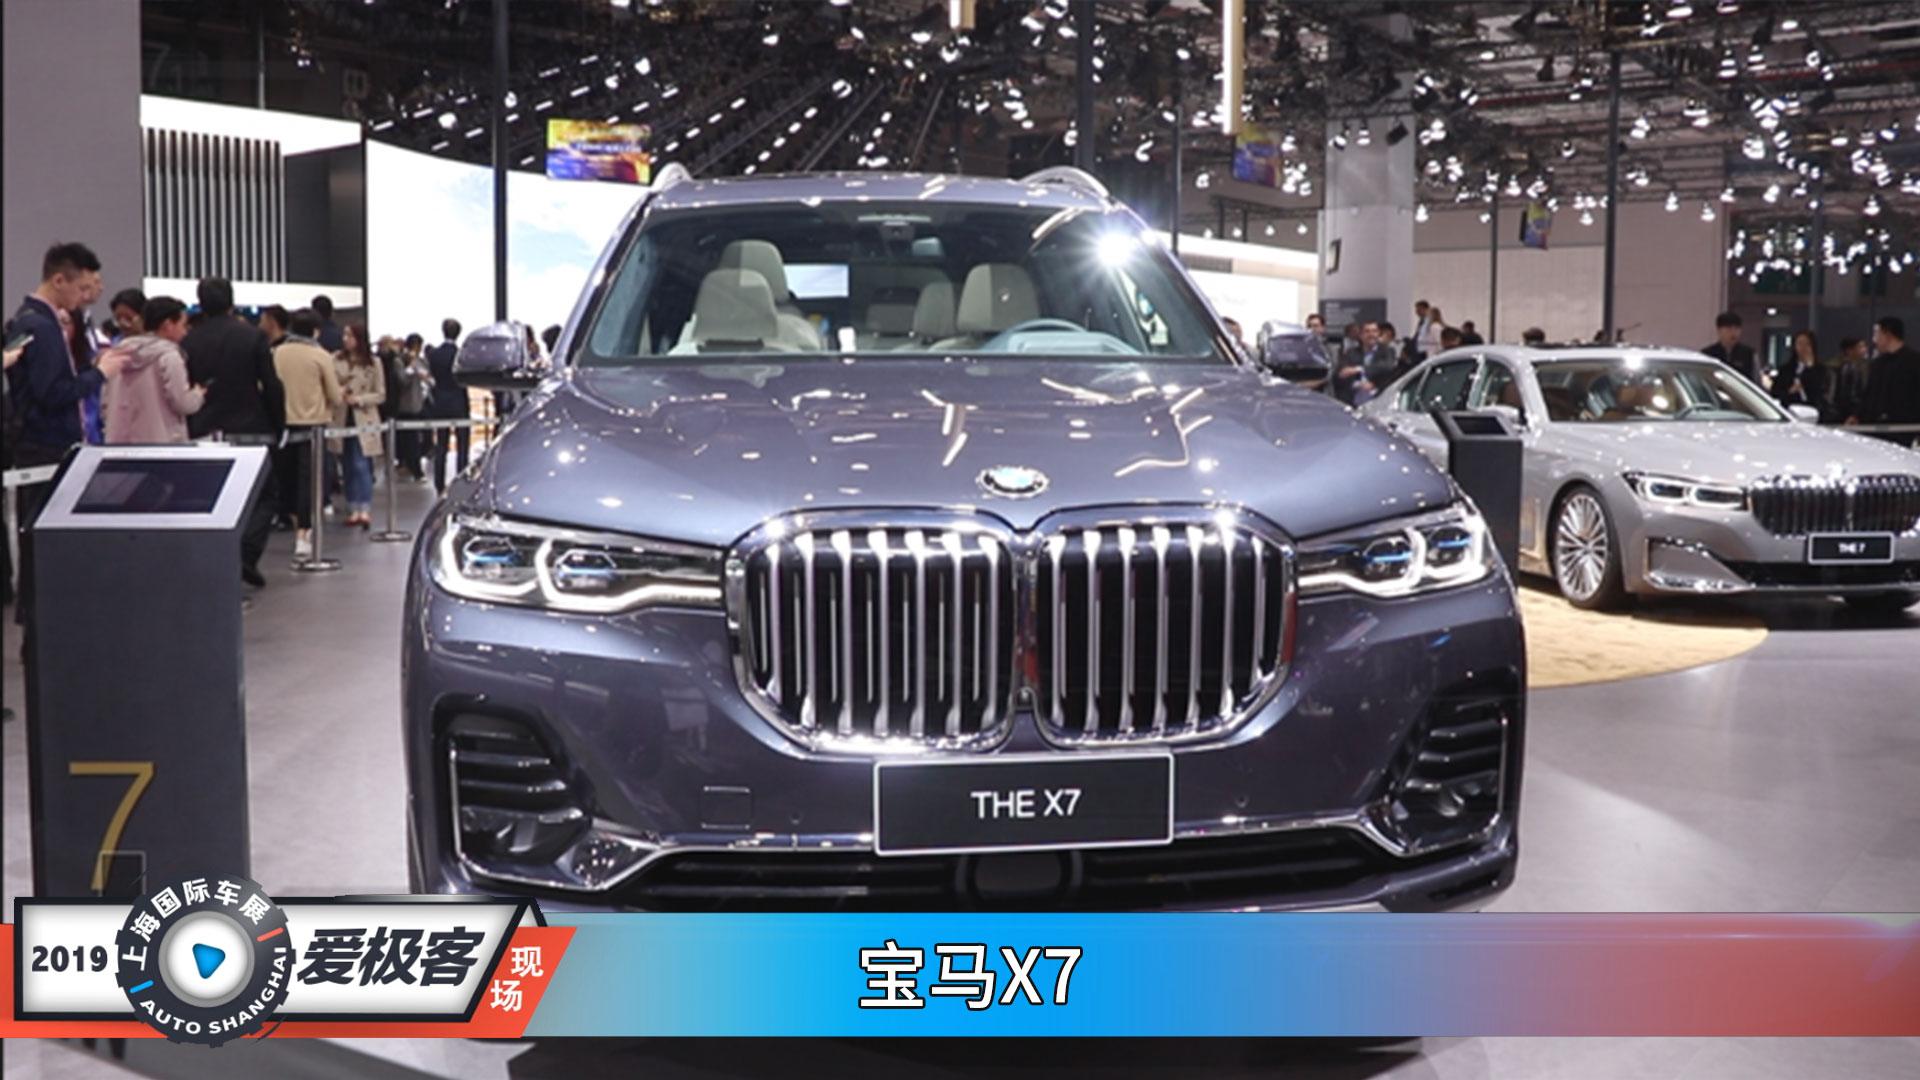 2019上海车展 史上最大鼻孔 宝马X7